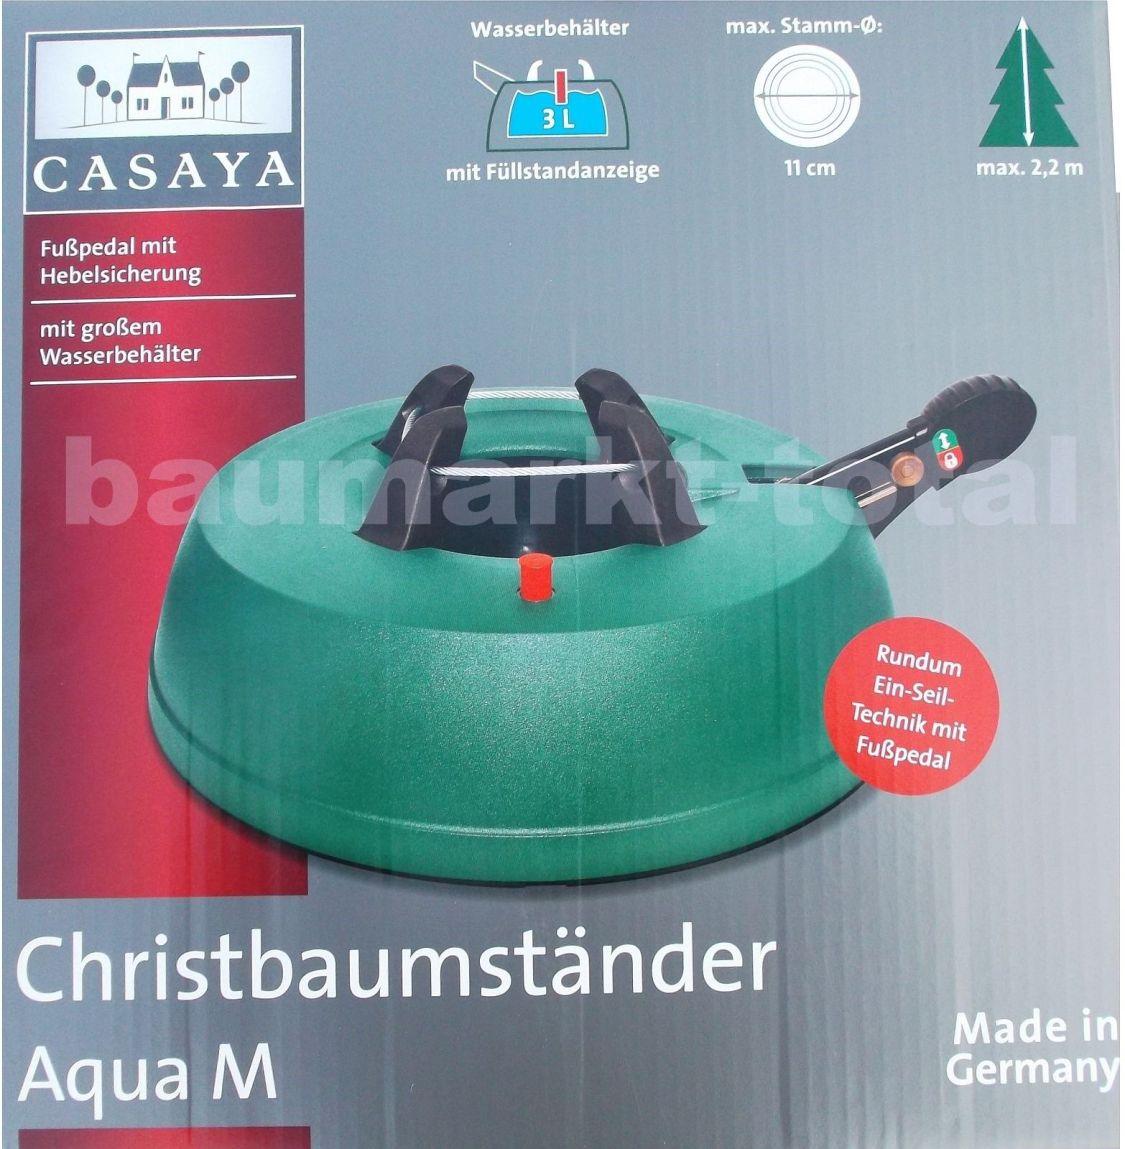 Christbaumständer Aqua M Weihnachtsbaumständer Christbaum Tannenbaumständer